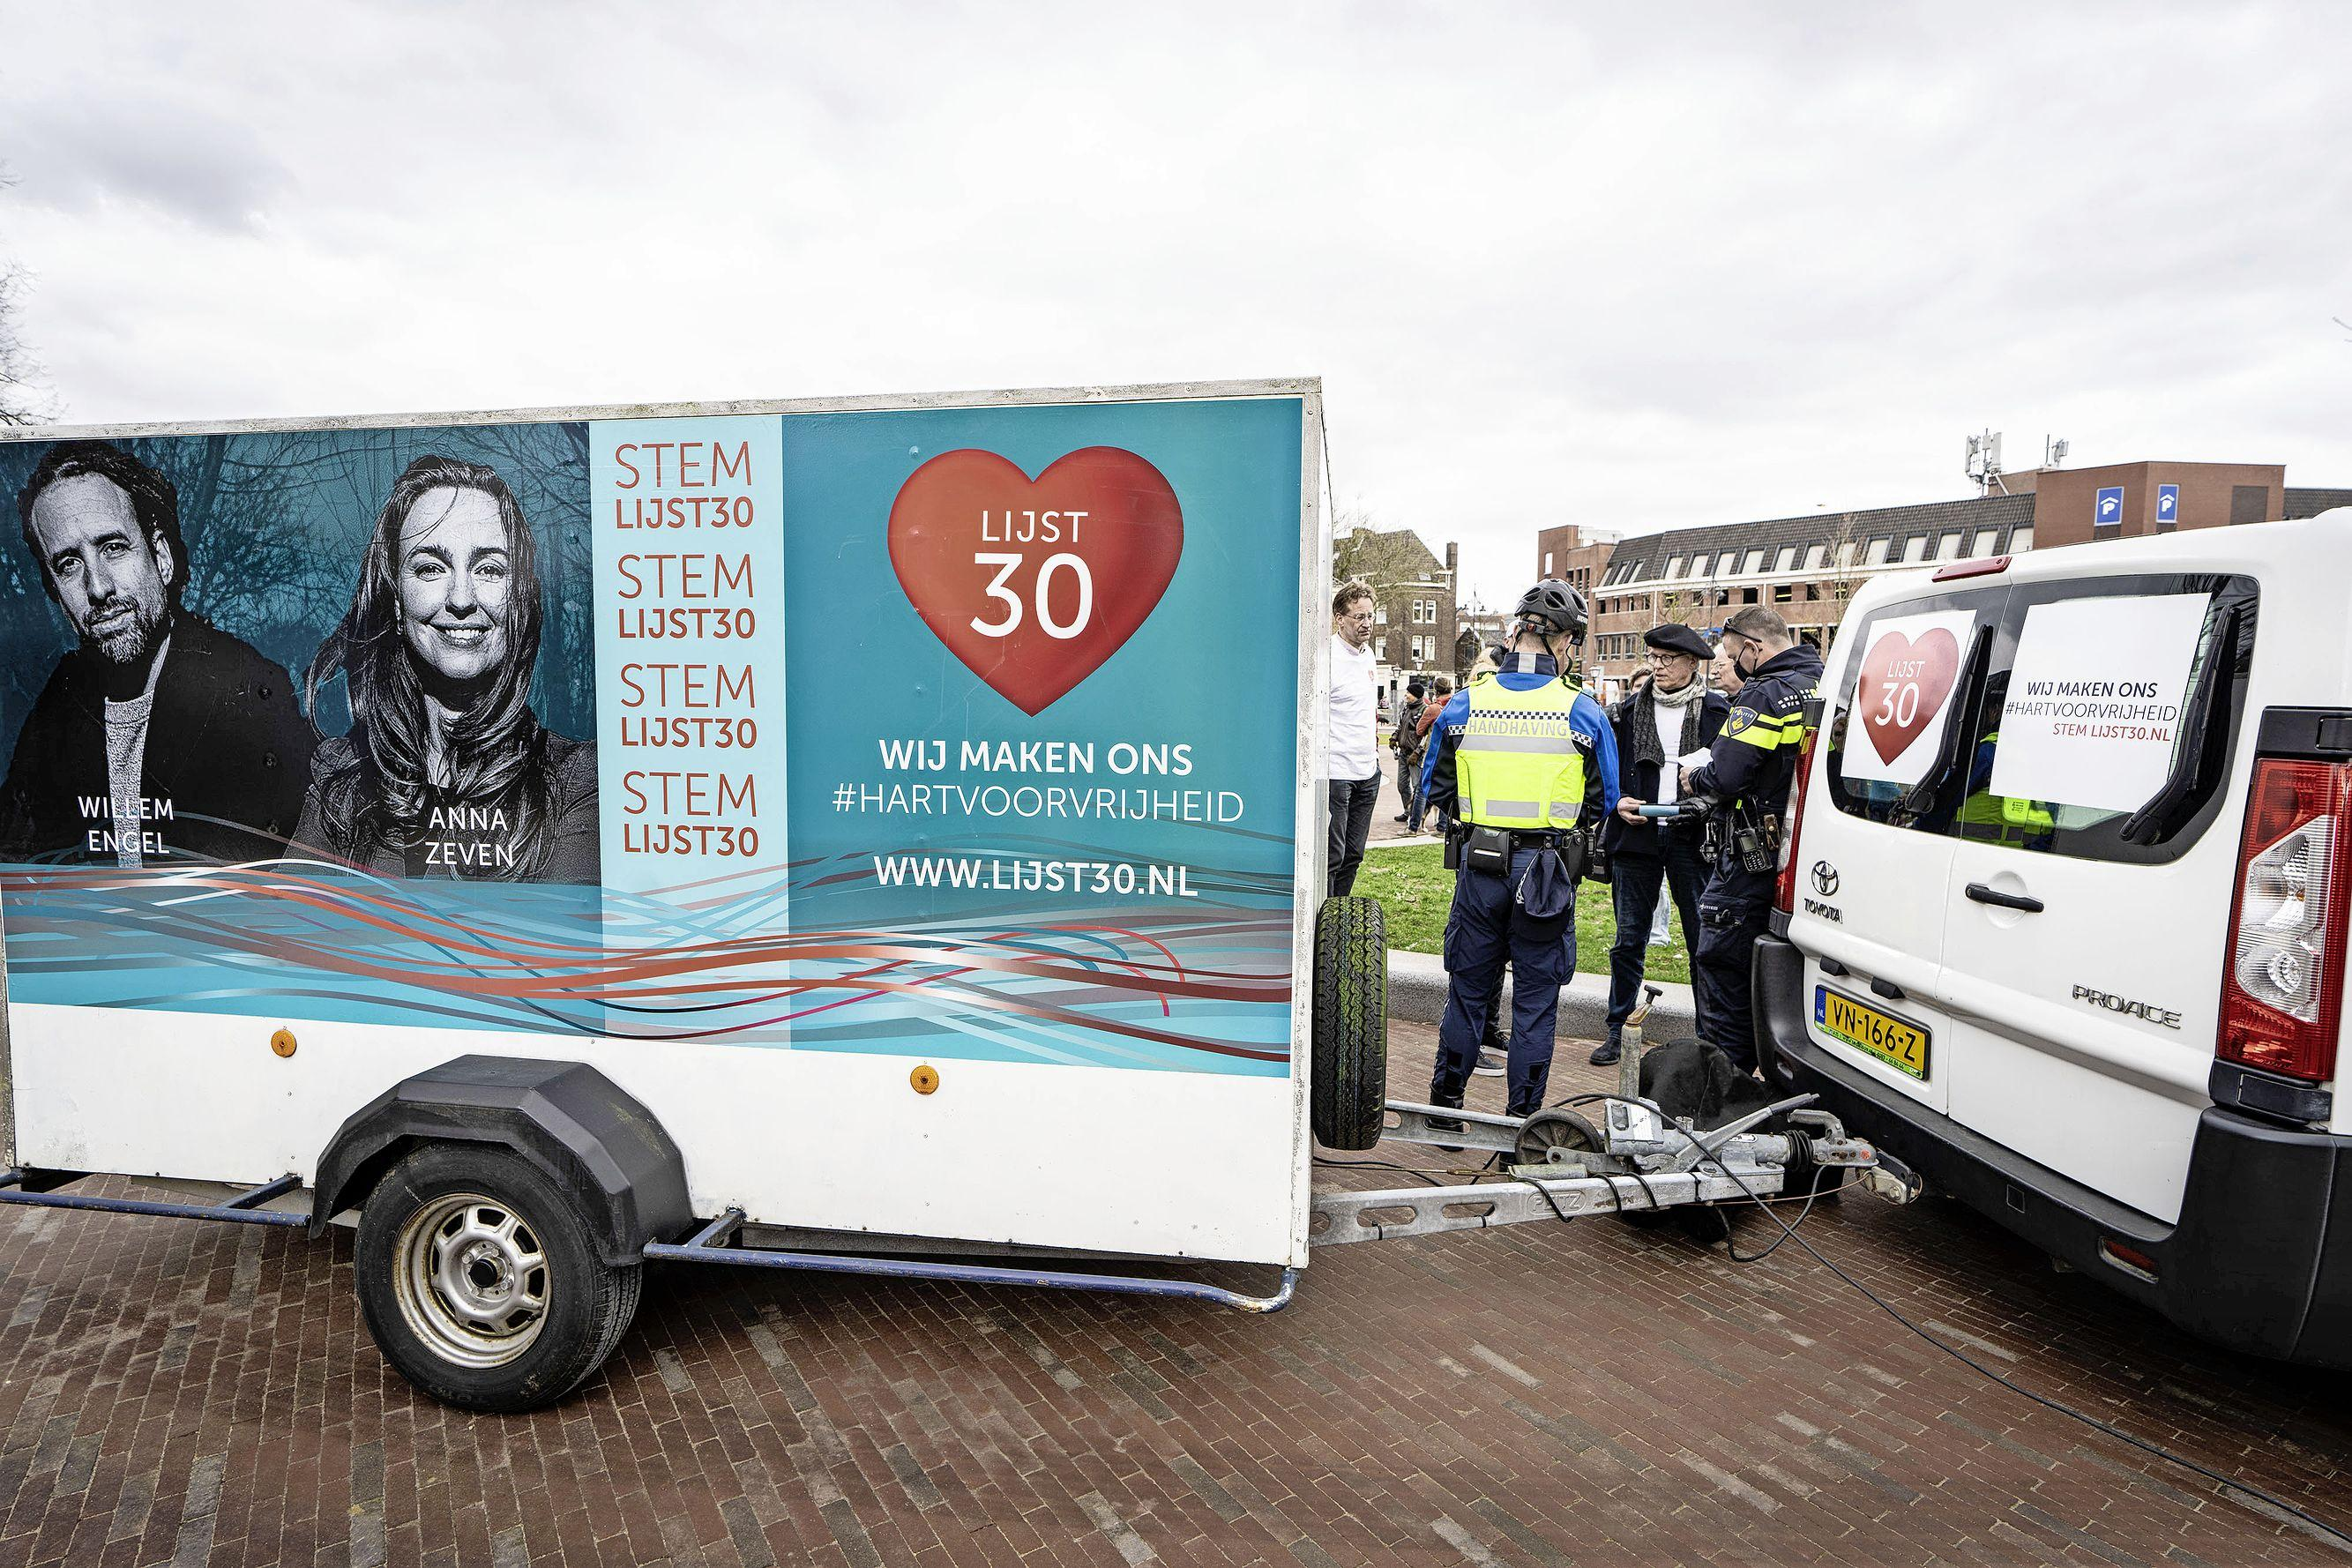 Partij van Willem Engel wil verkiezingen stilleggen om 'fraude' Kiesraad